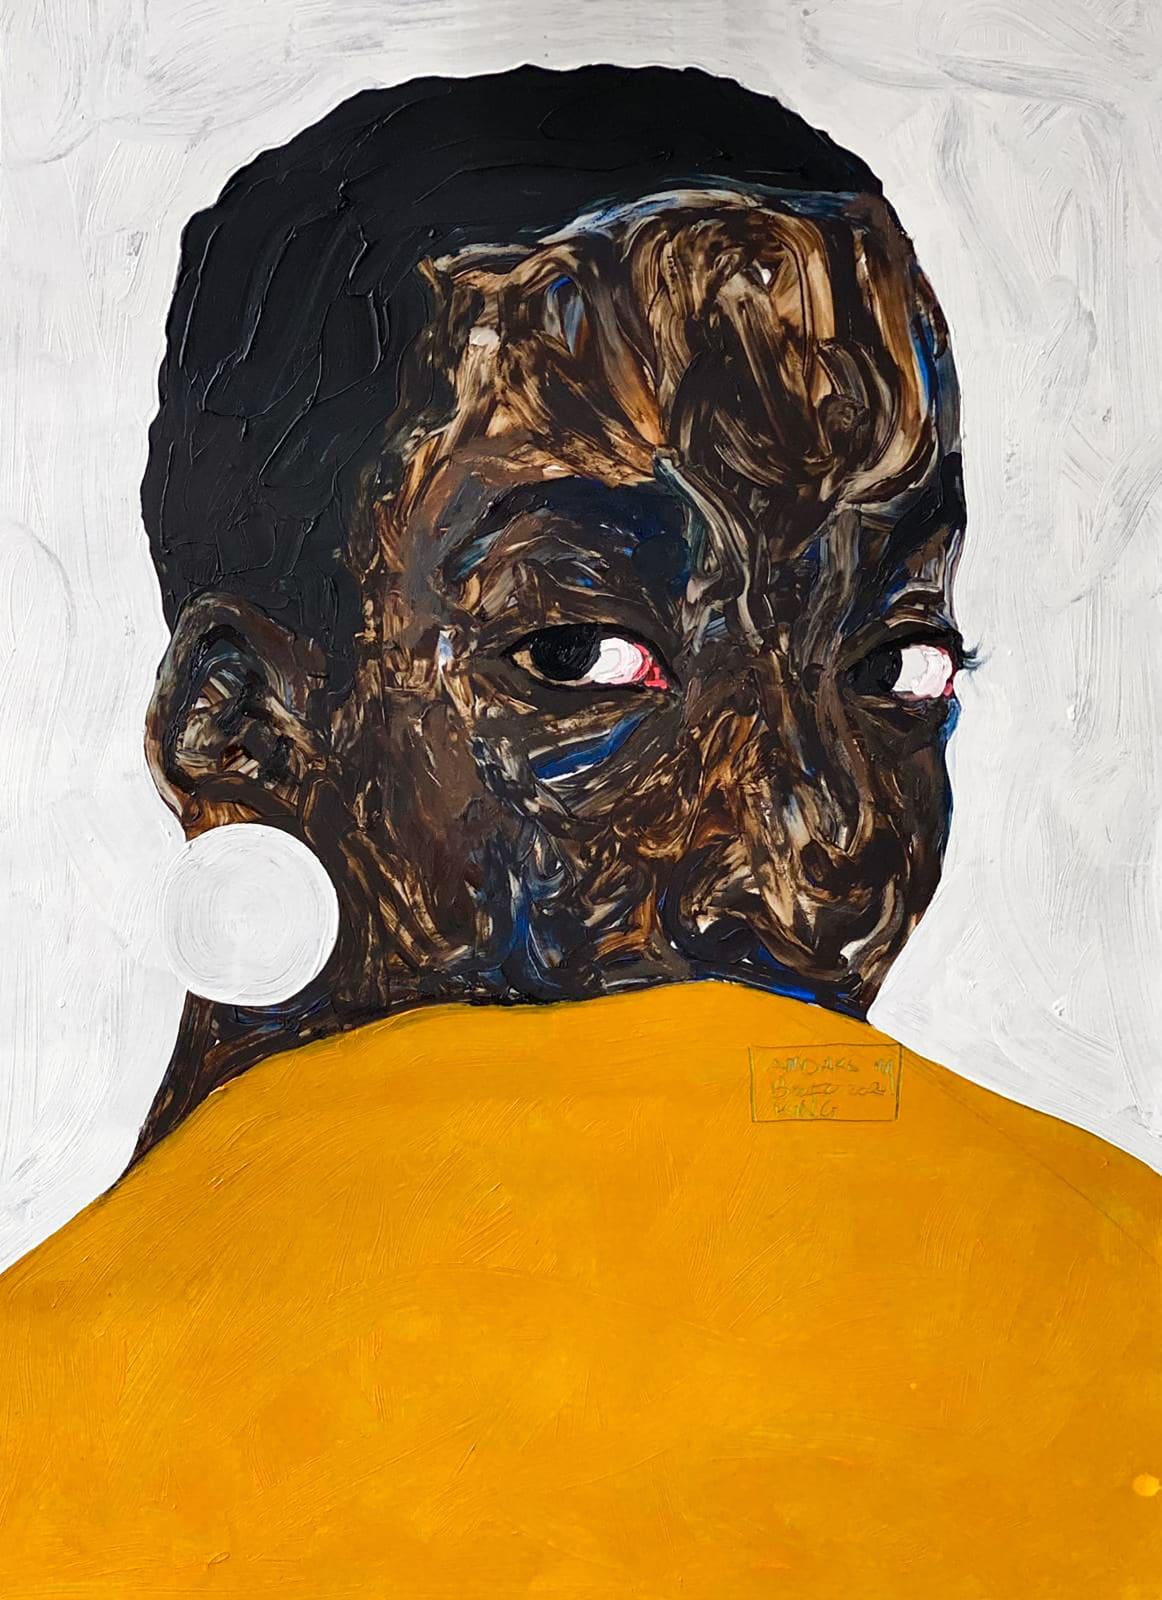 Amoako Boafo, Aurore Iradukunda, 2020.